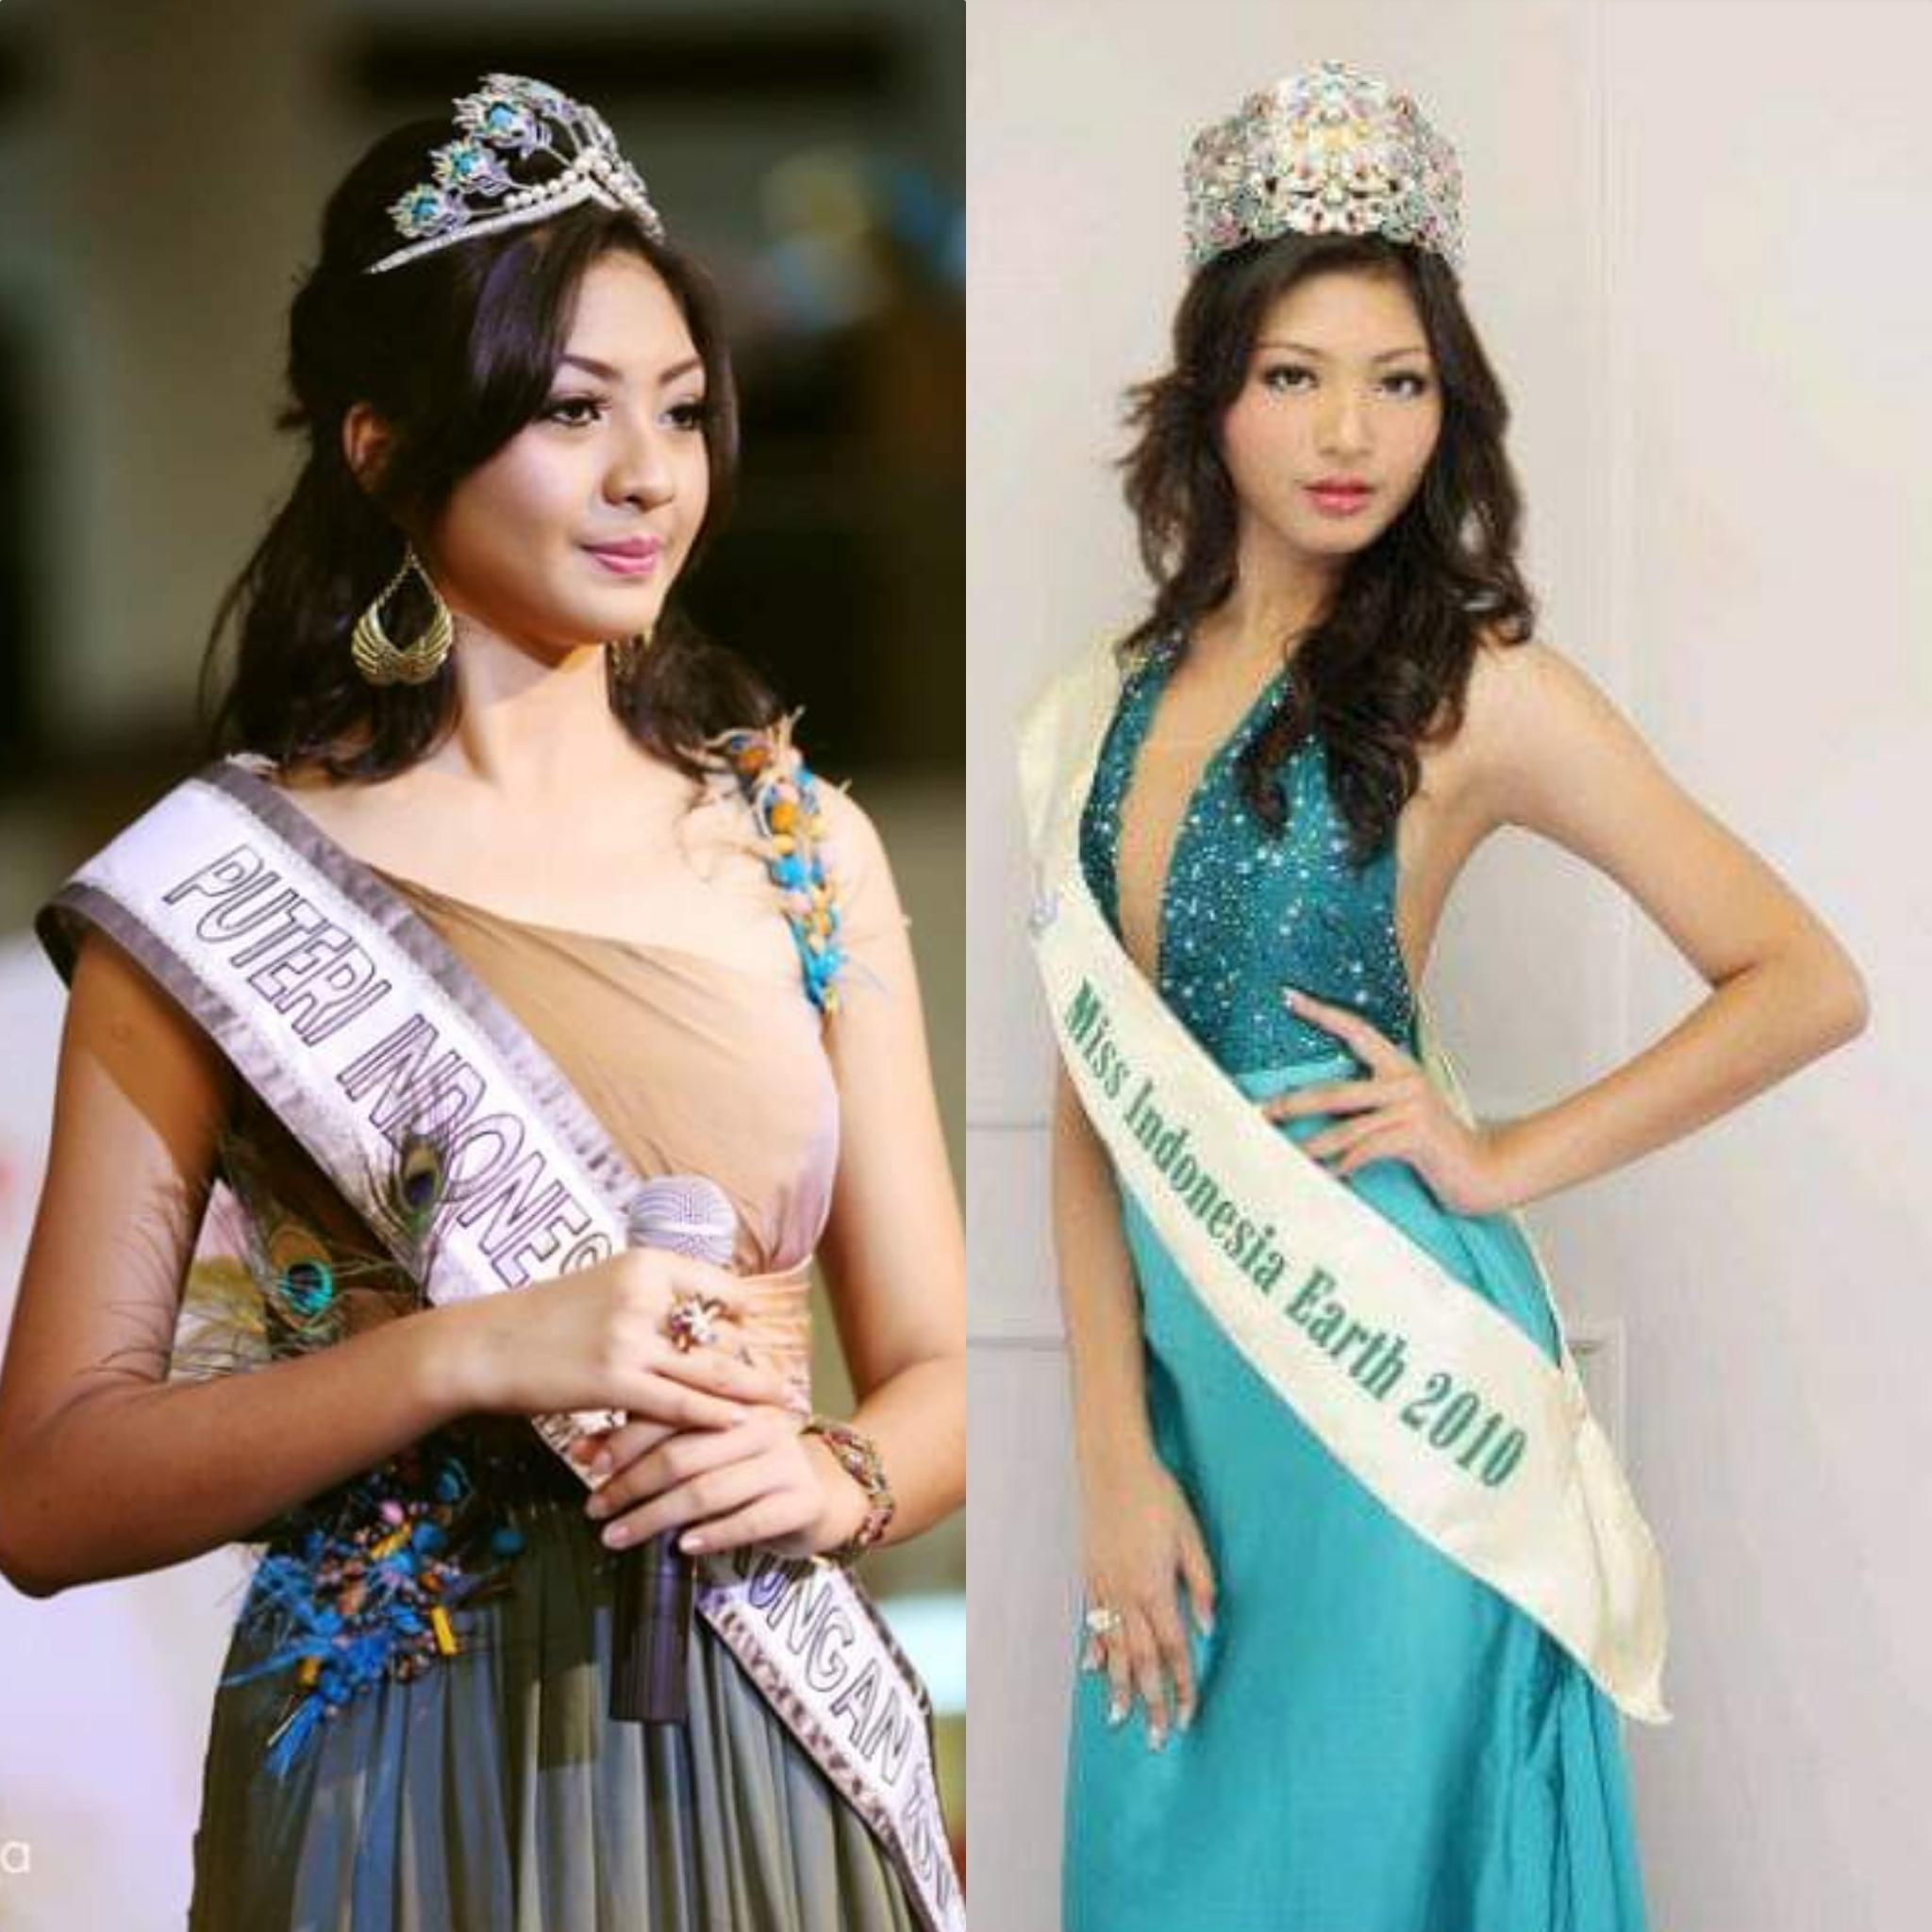 Liza-Elly-Purnamasari-1st-runner-up-Puteri-Indonesia-2011-atau-Puteri-Indonesia-Lingkungan-2011-dan-Miss-Indonesia-Earth-2010